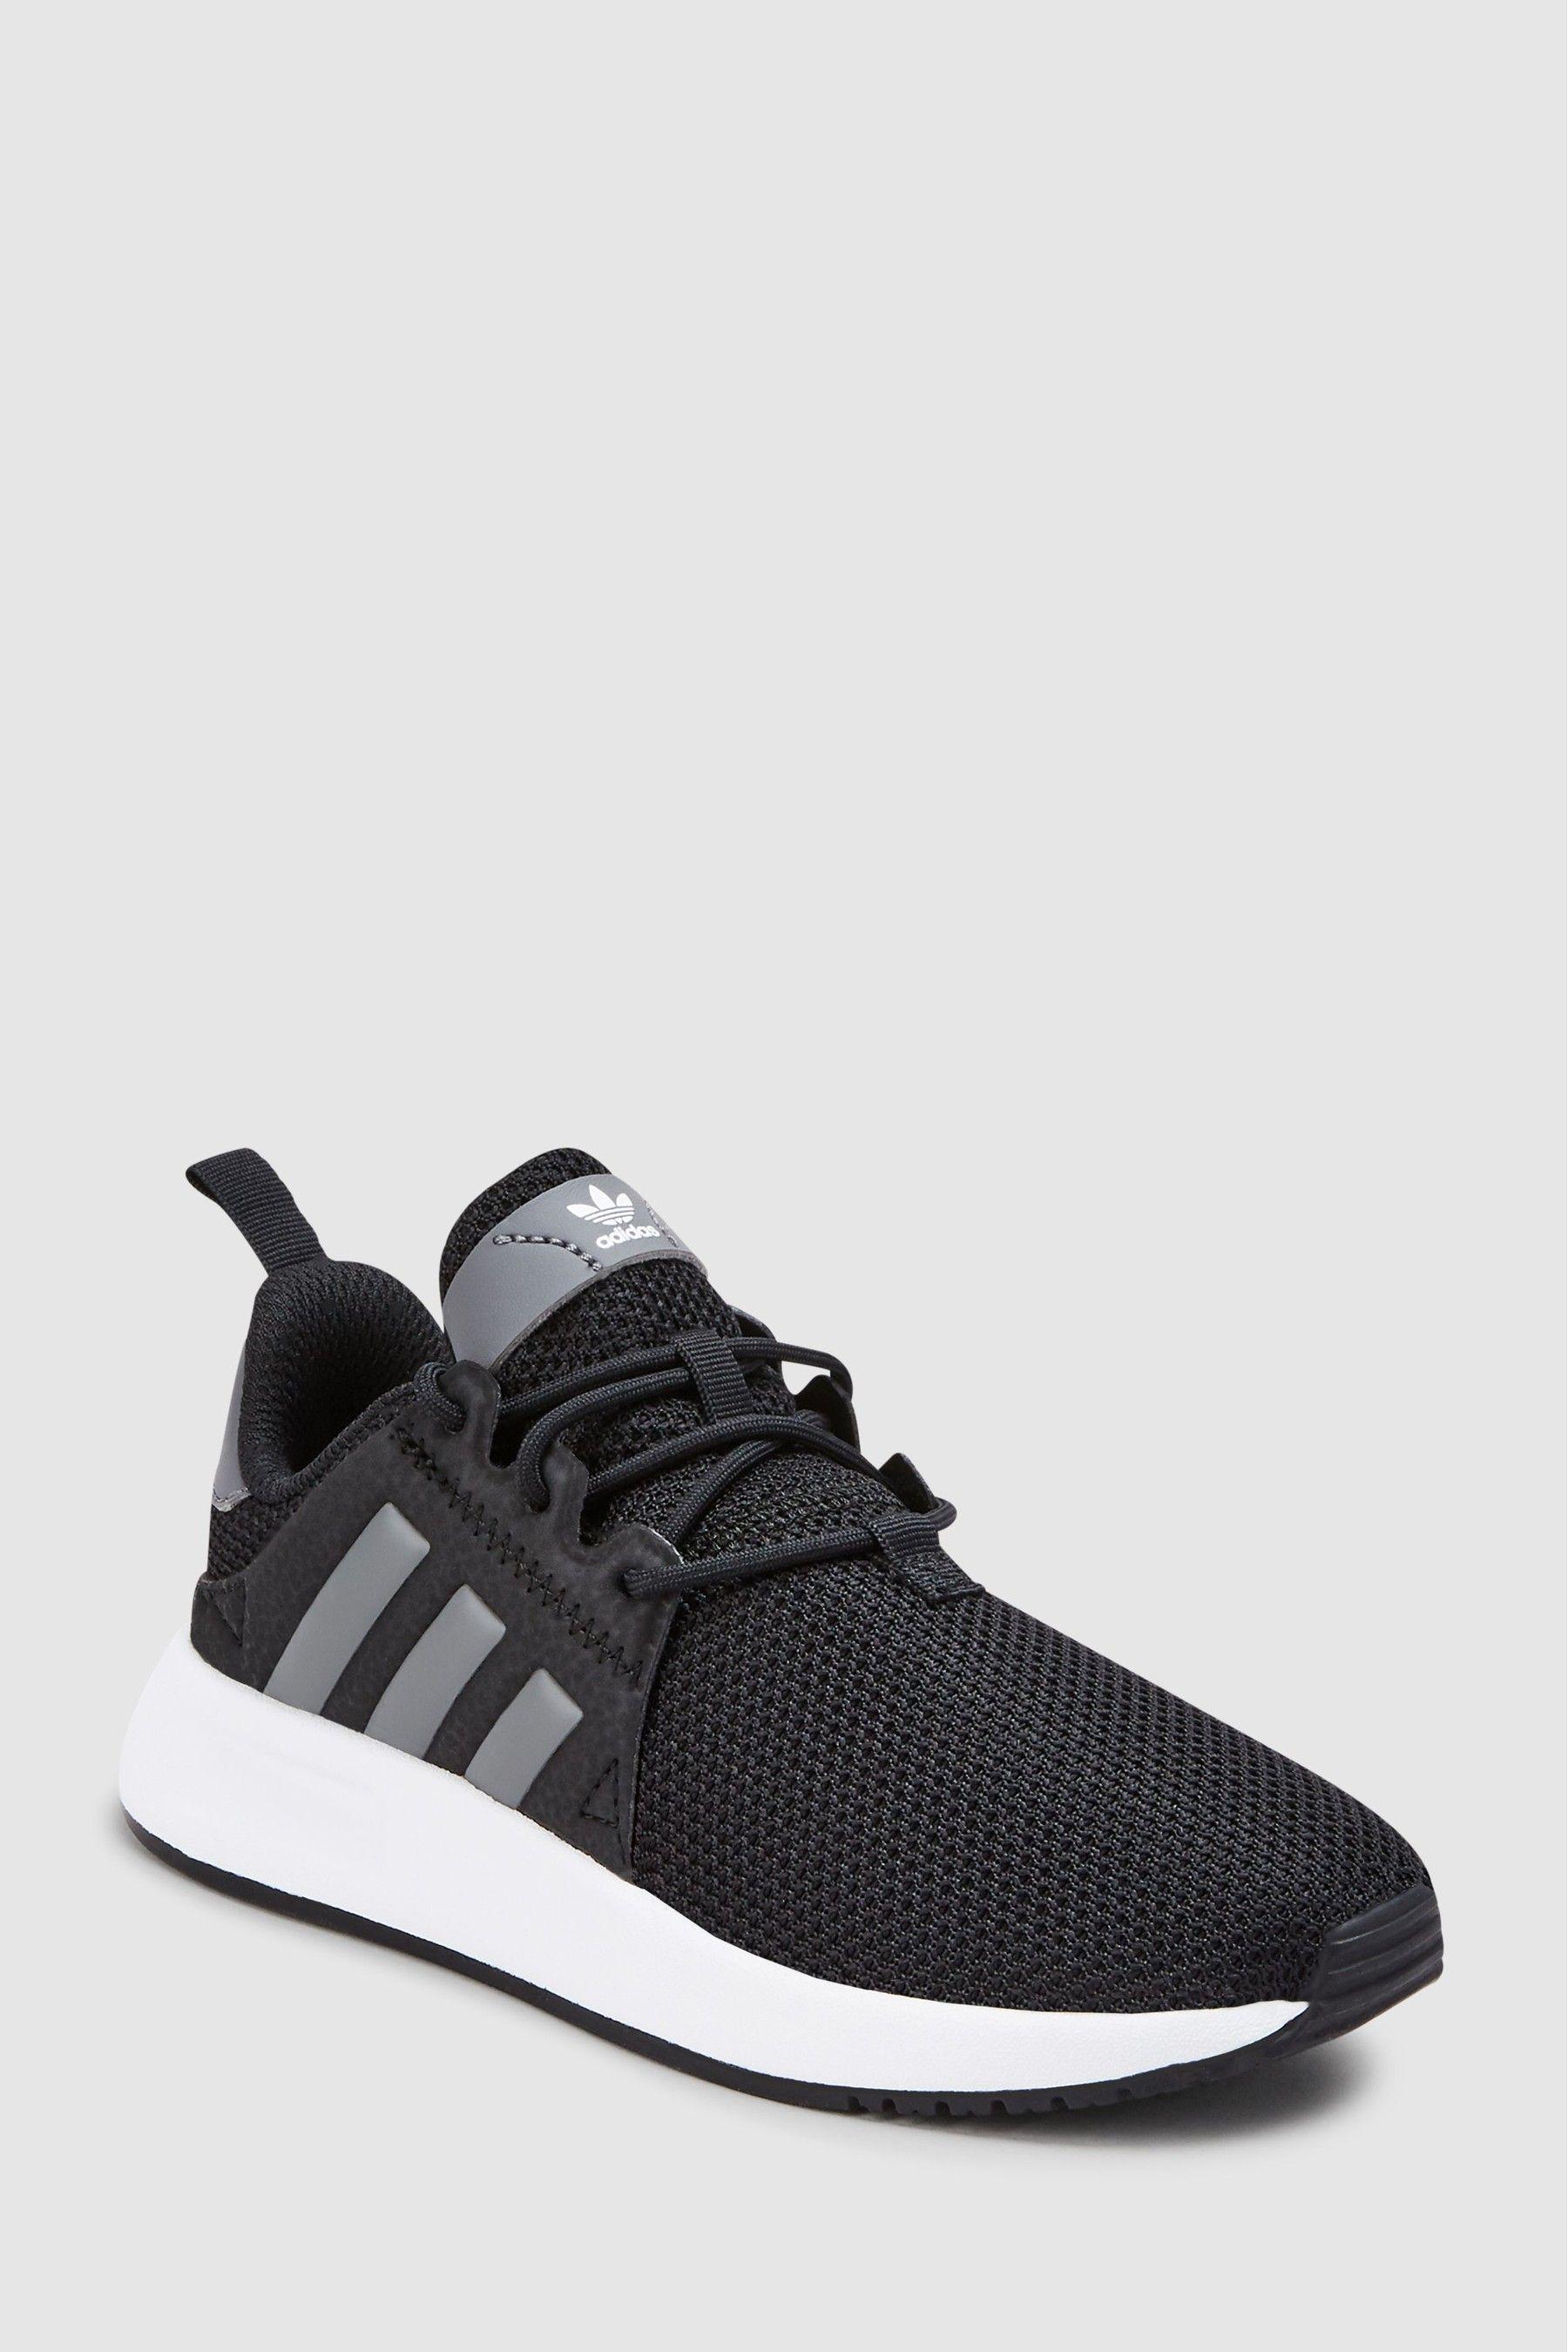 Buty sportowe Adidas X_PLR Running Shoes Black Odzież, Buty